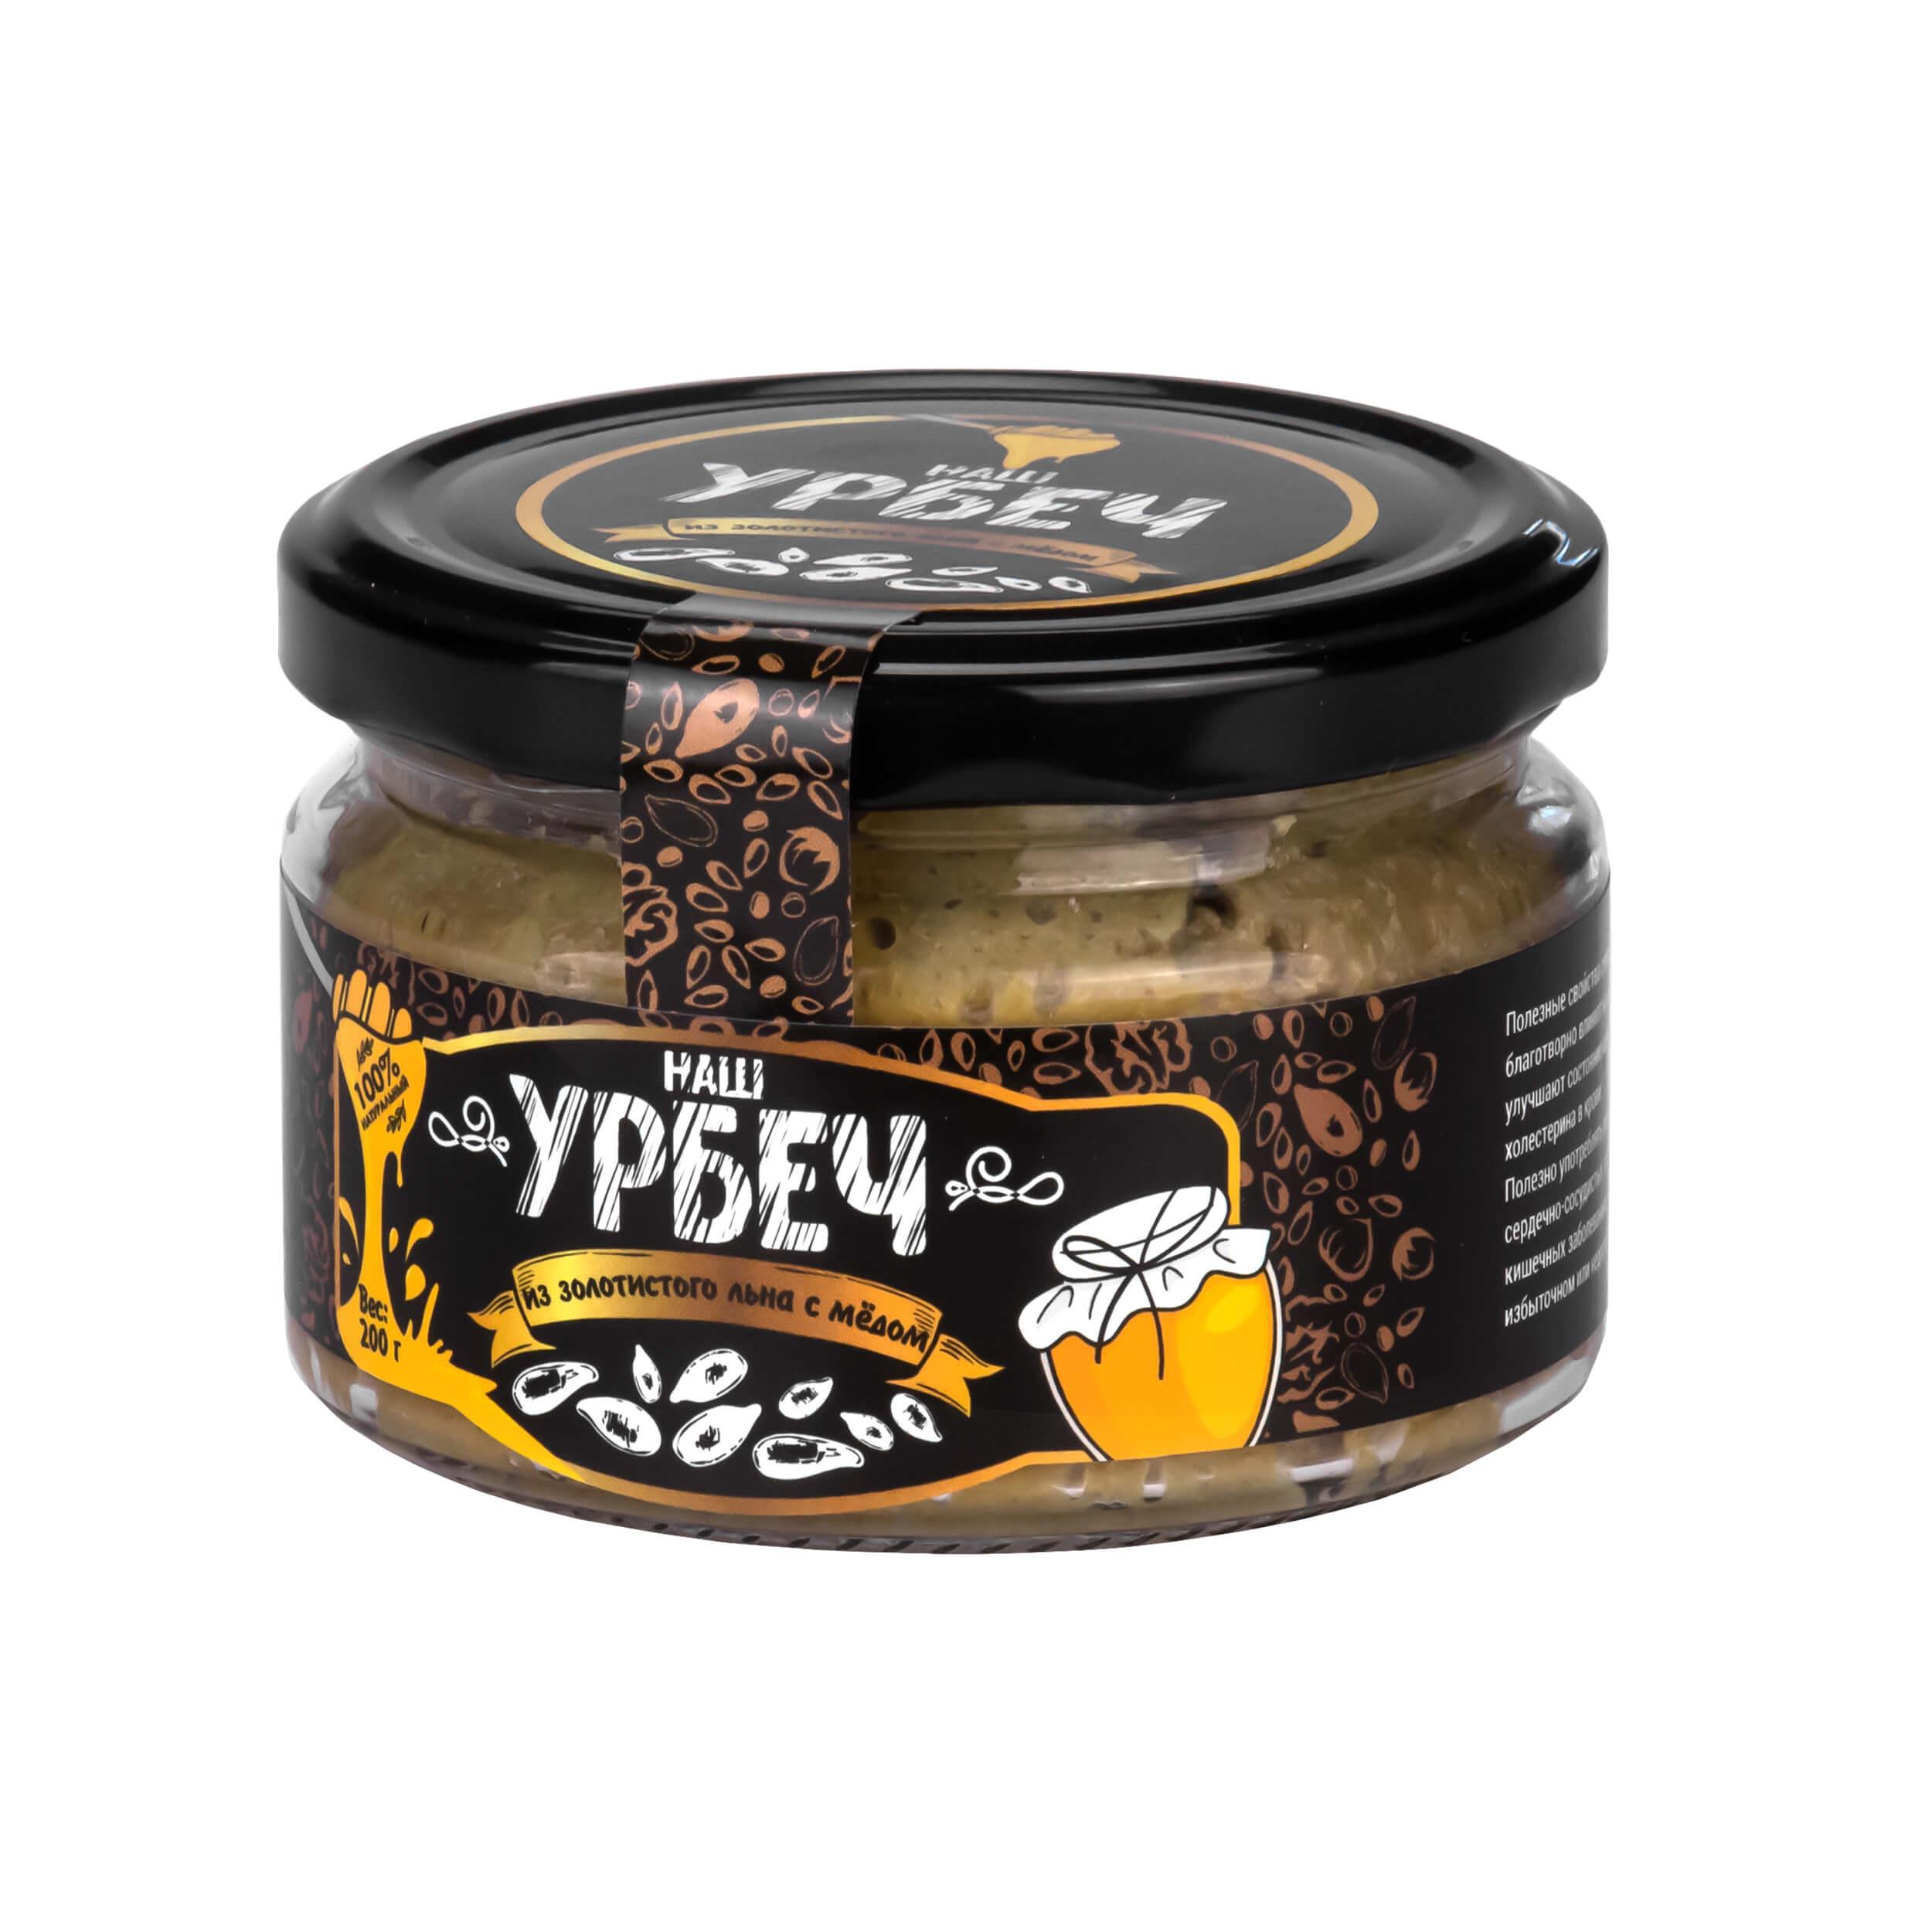 Урбеч из золотистого льна с медом (200 грамм) фото